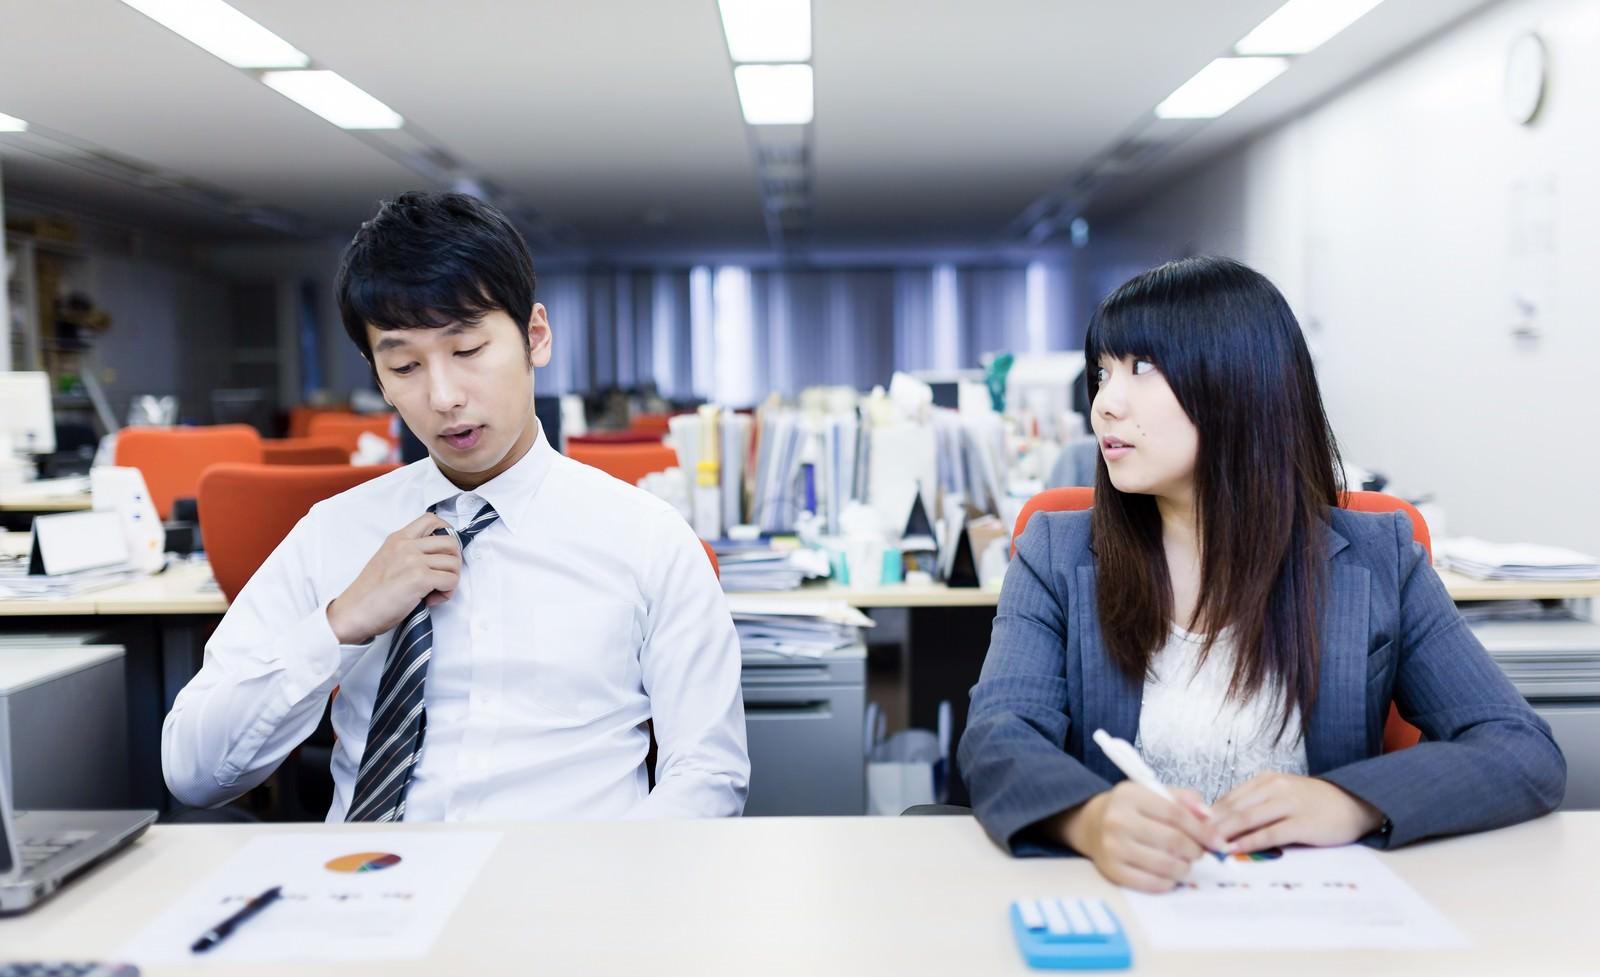 https://www.pakutaso.com/shared/img/thumb/AL301_nekutai0320140830131838_TP_V.jpg